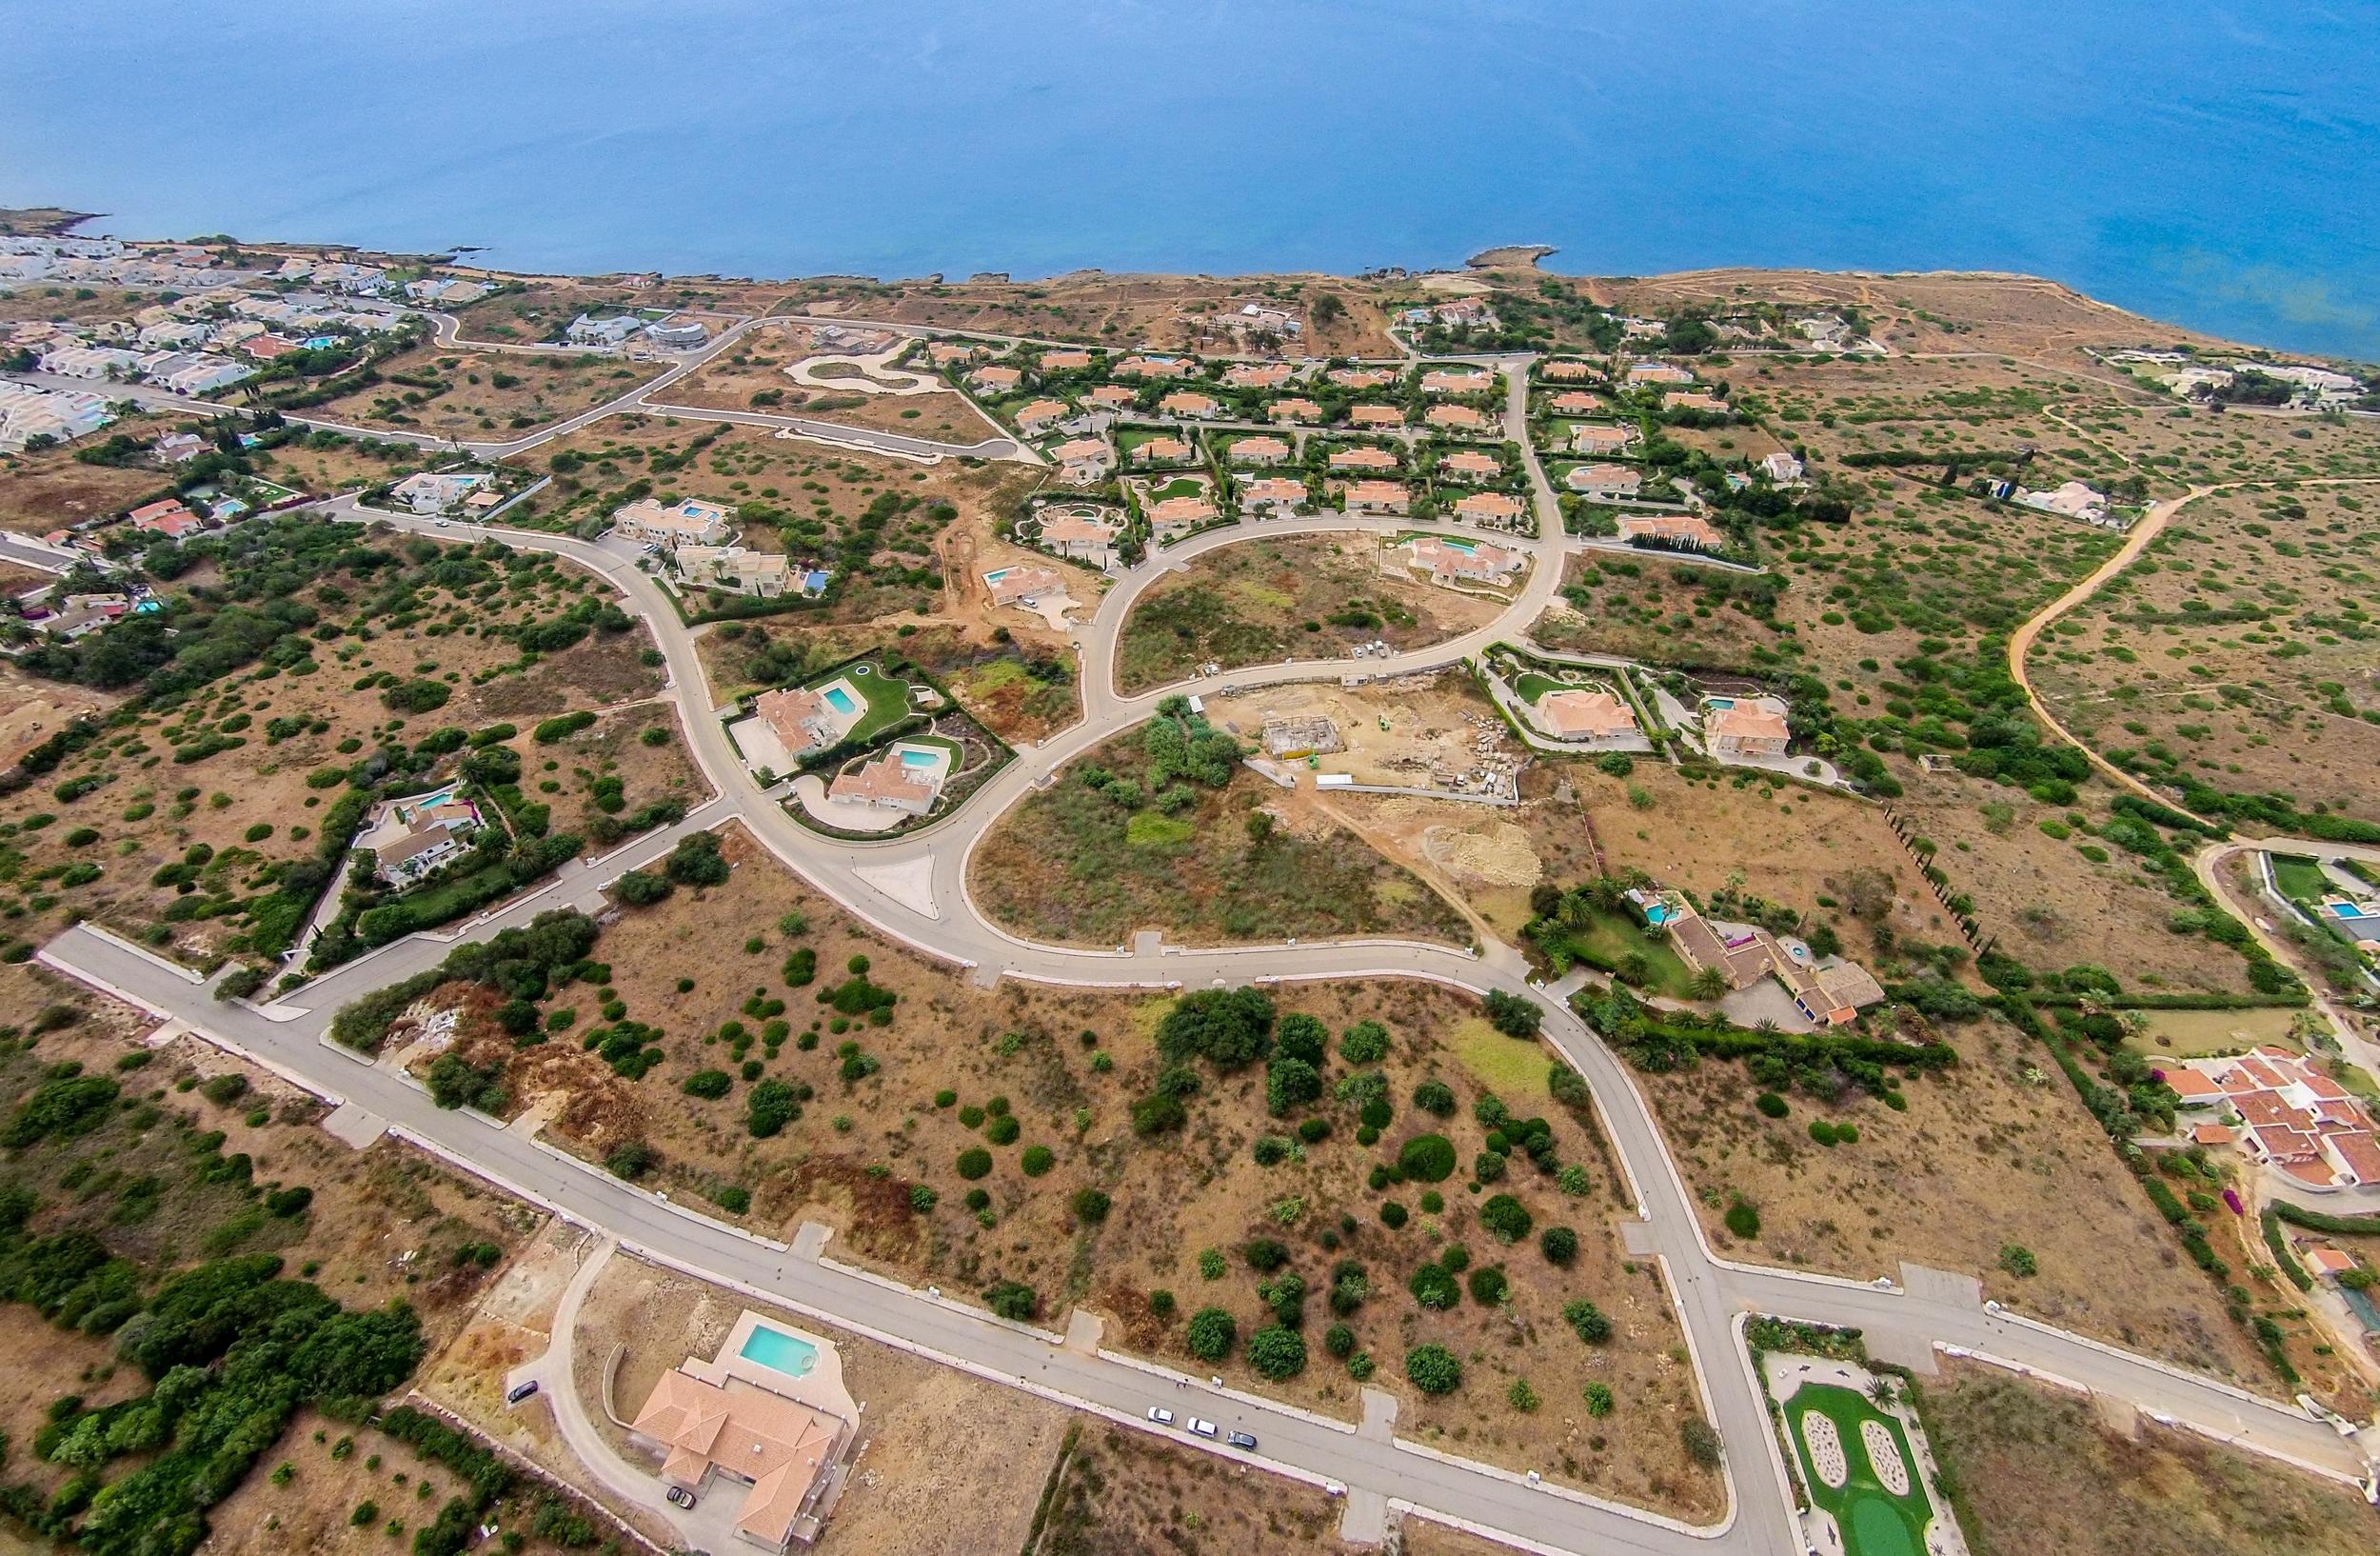 Reserva da Luz aerial view